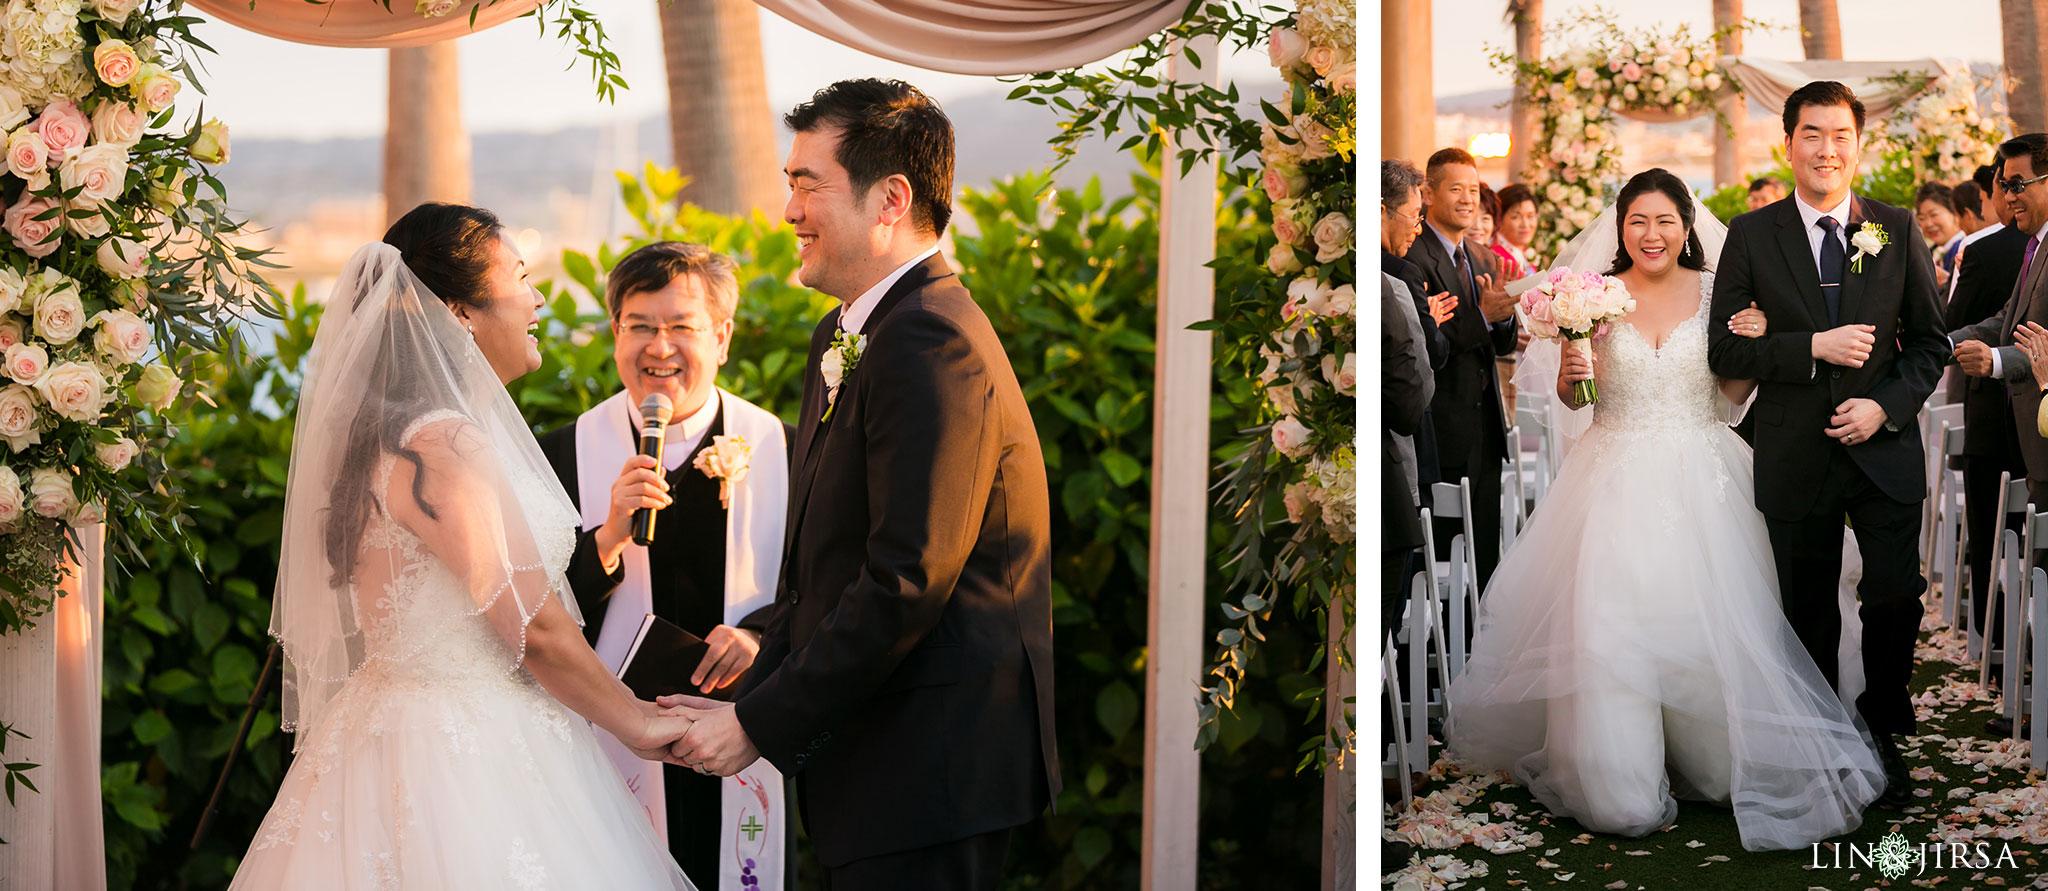 24 portofino hotel redondo beach wedding ceremony photography